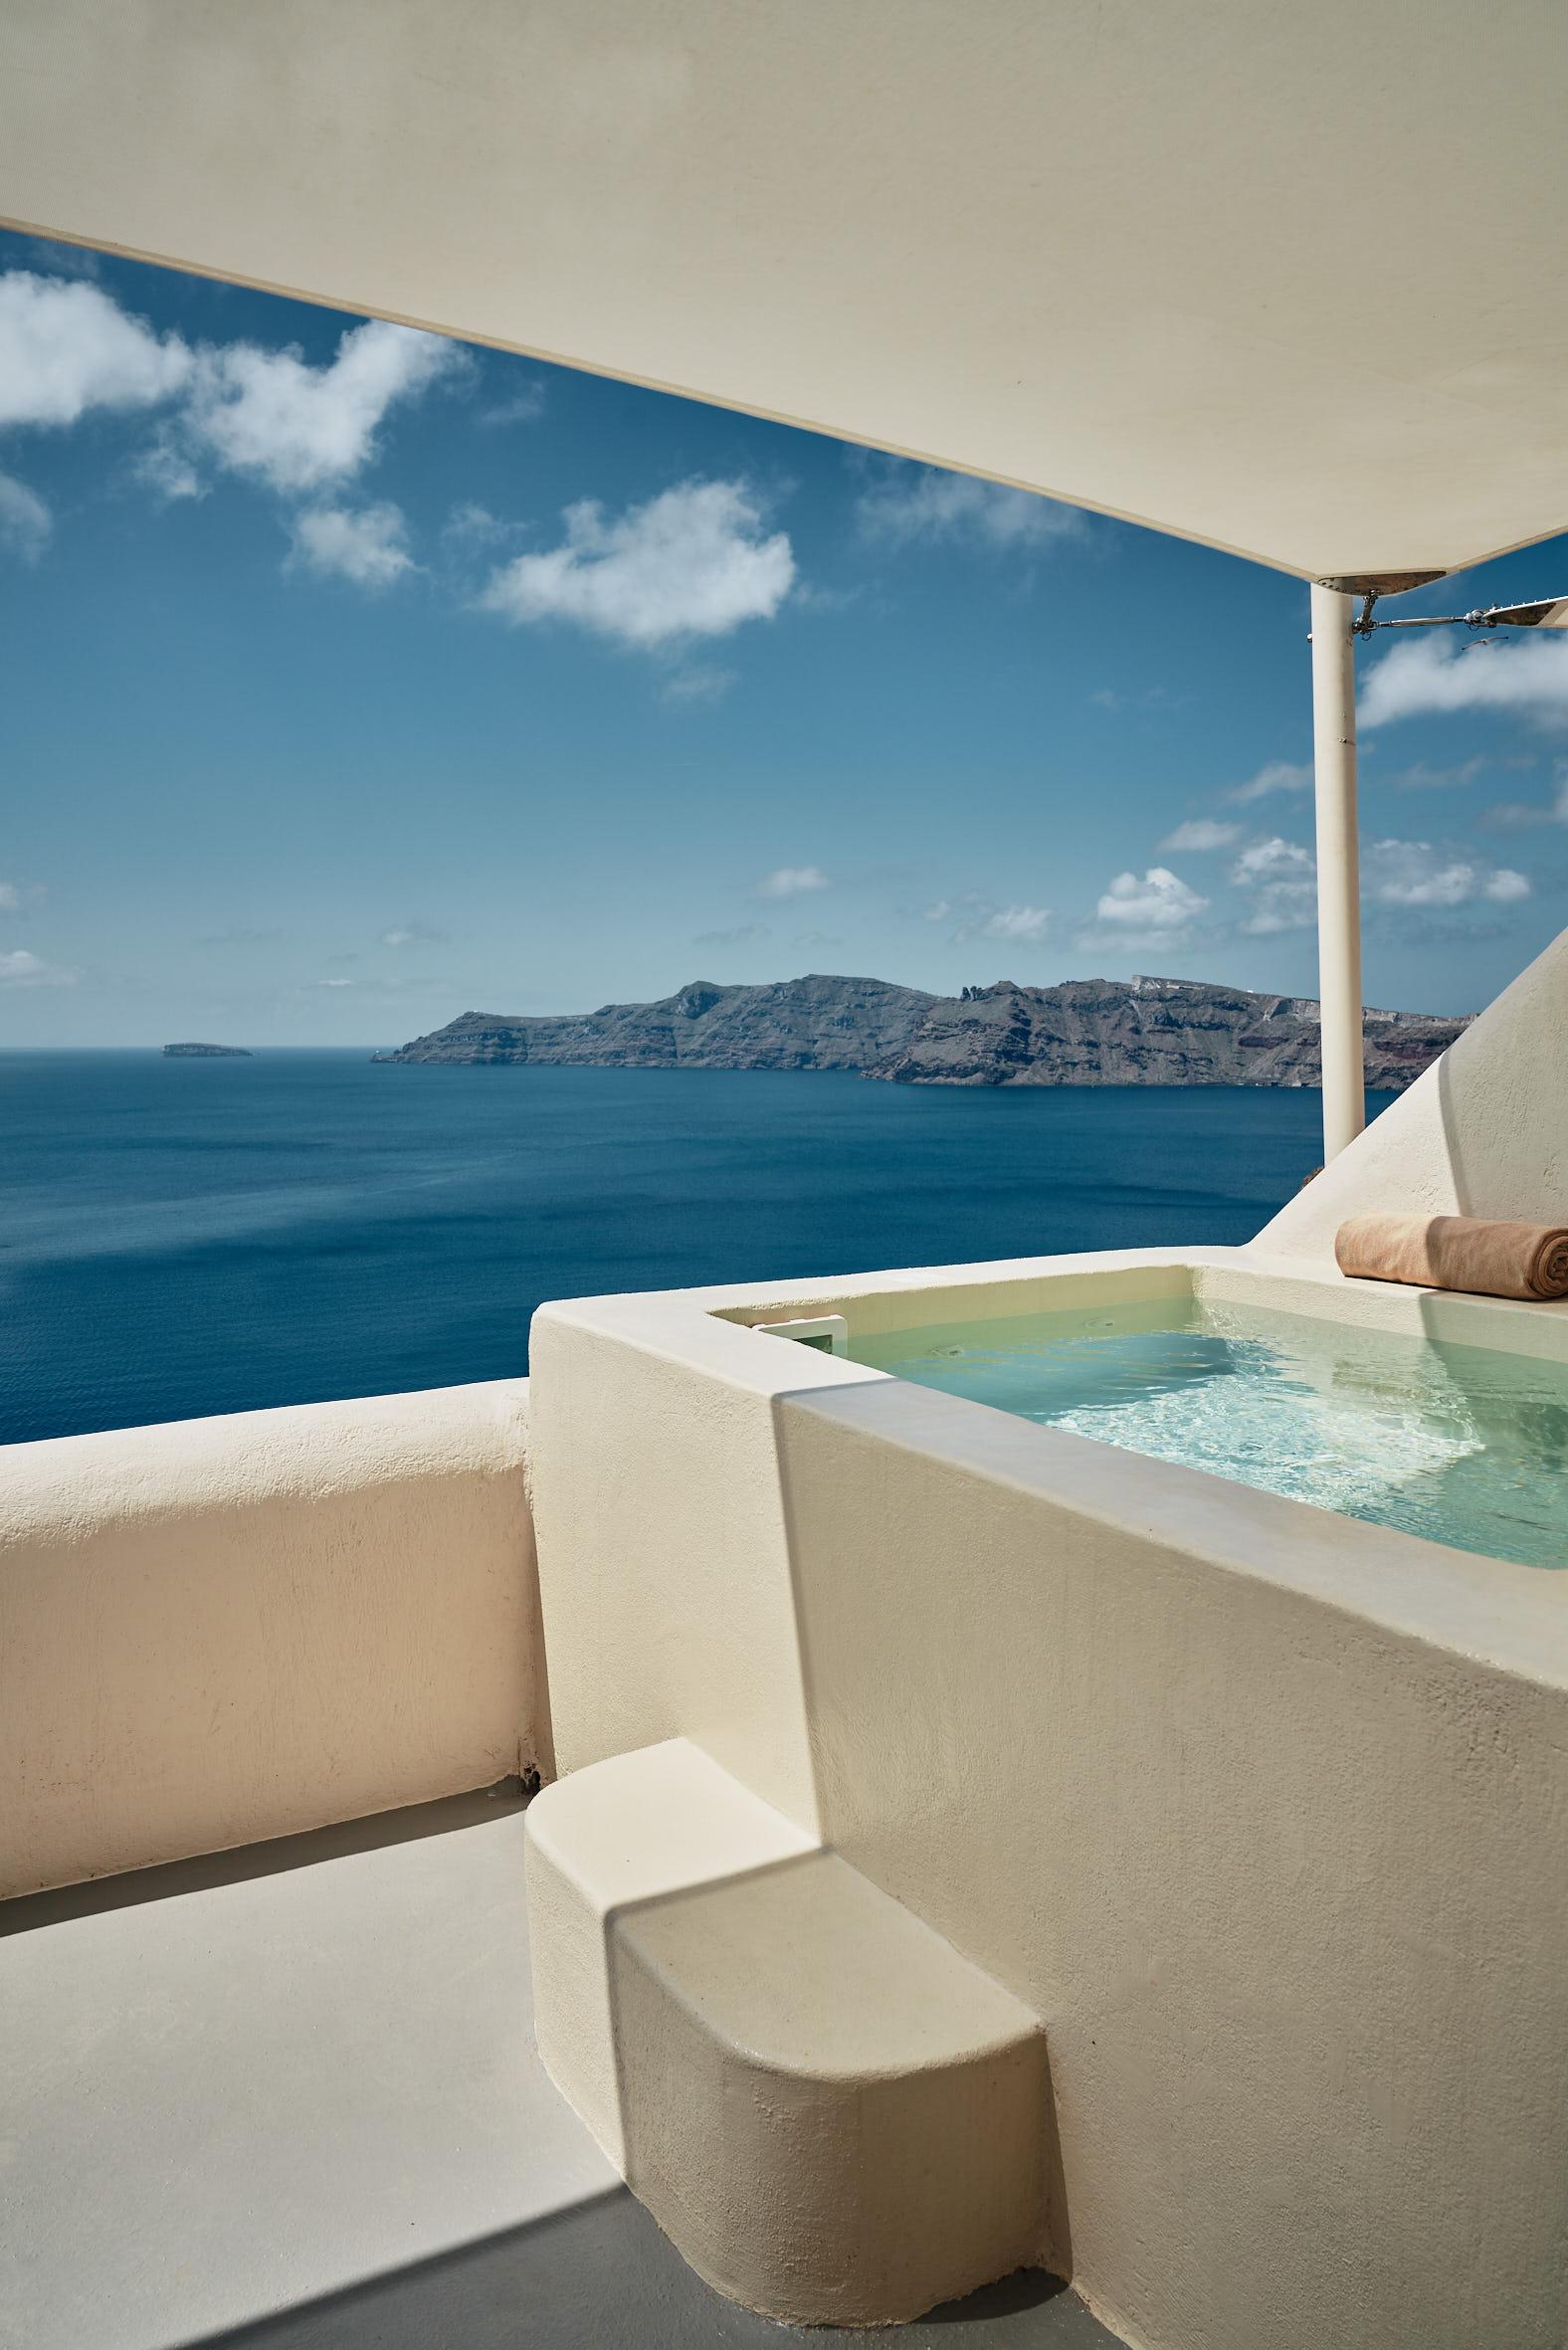 Private jacuzzi of Spiritual Suite at Mystique Hotel in Santorini